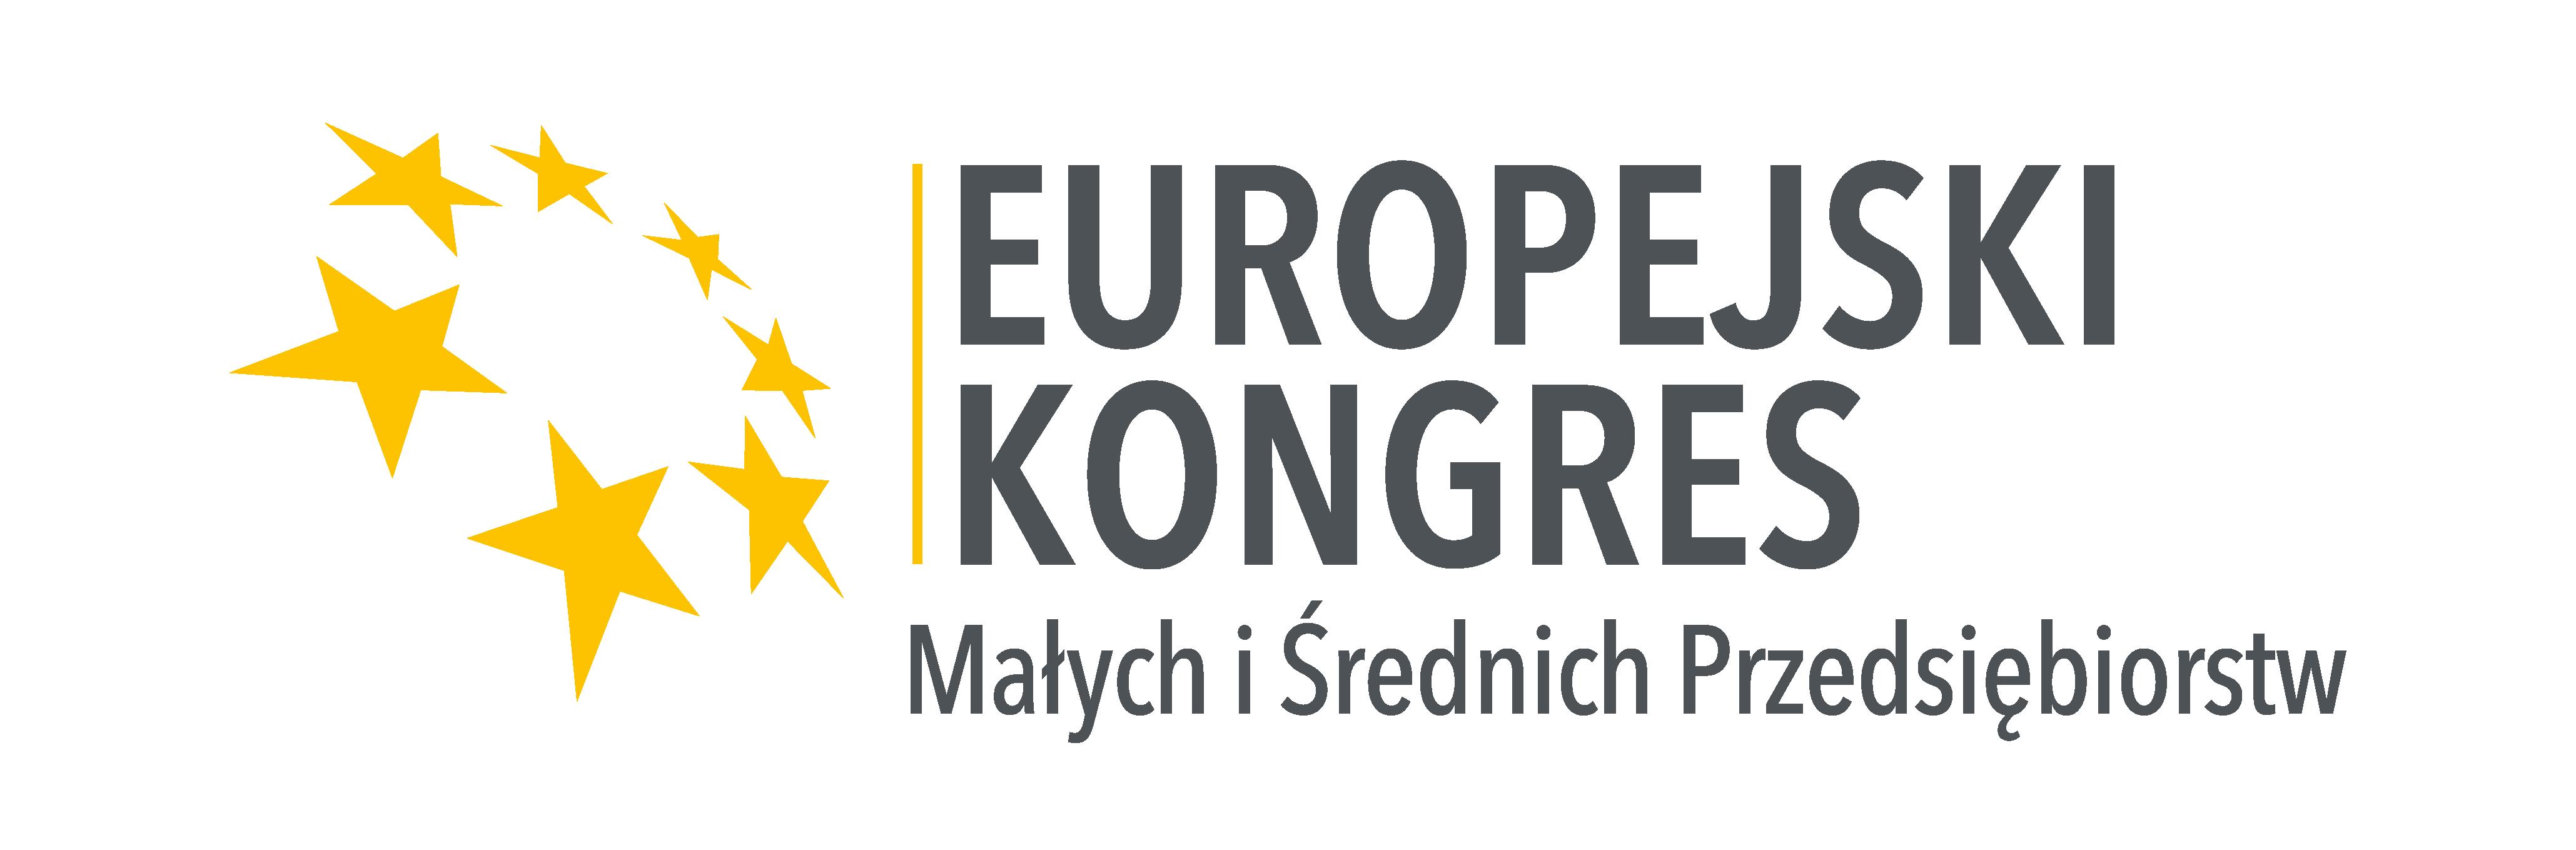 kongres_logo-01